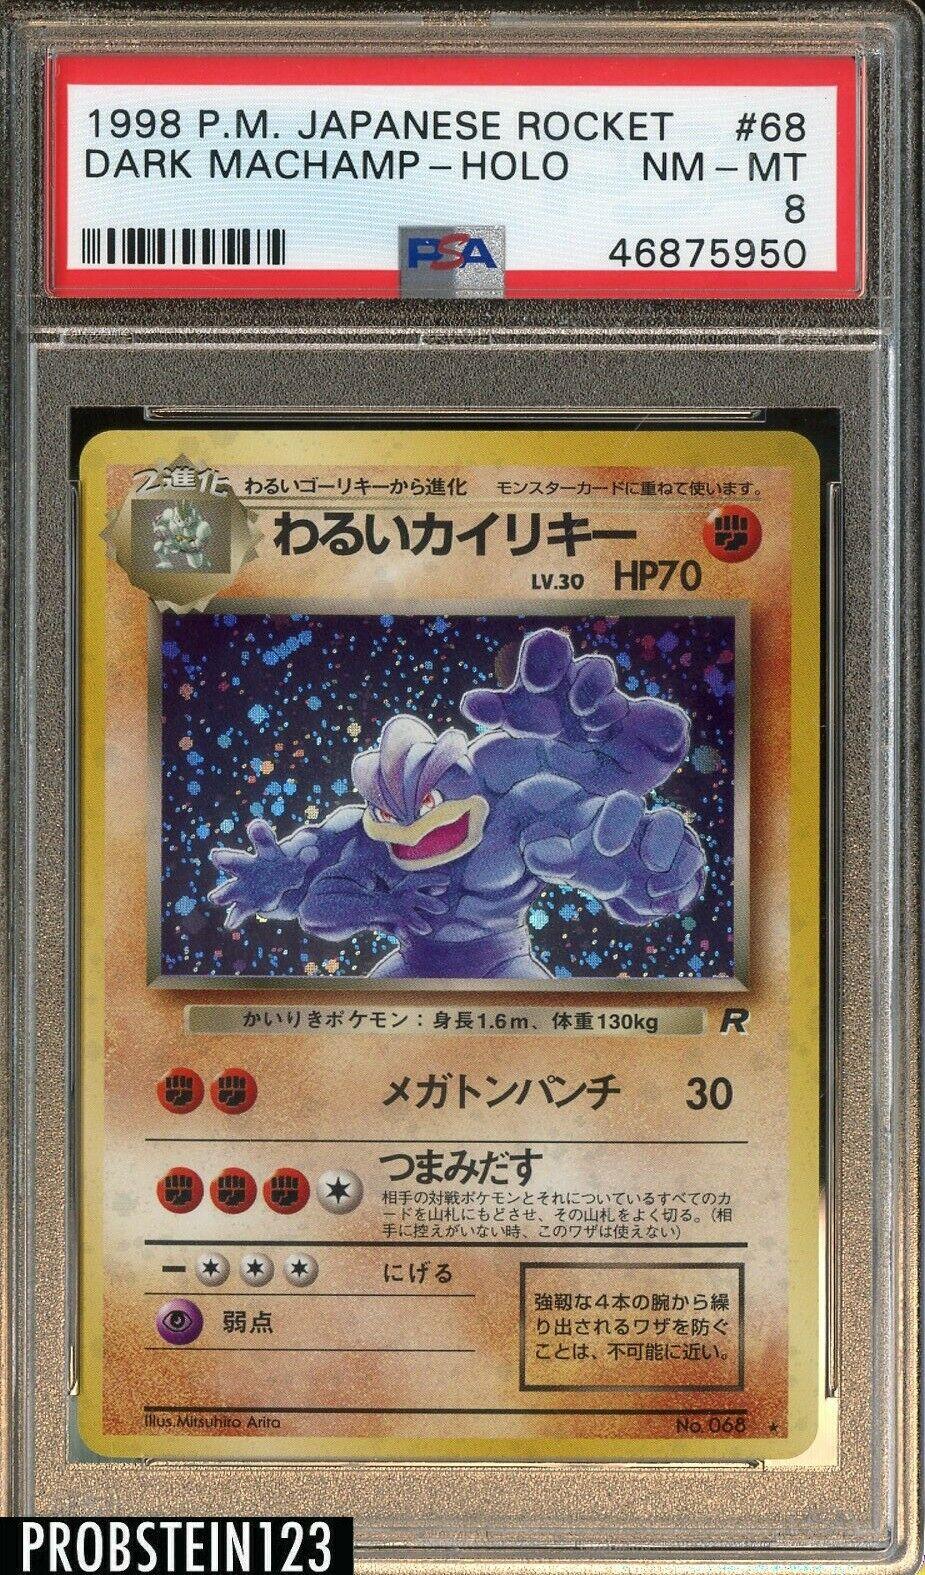 PSA 10 GEM MINT Dark Machamp 068 Japanese HOLO RARE Team Rocket Pokemon Card